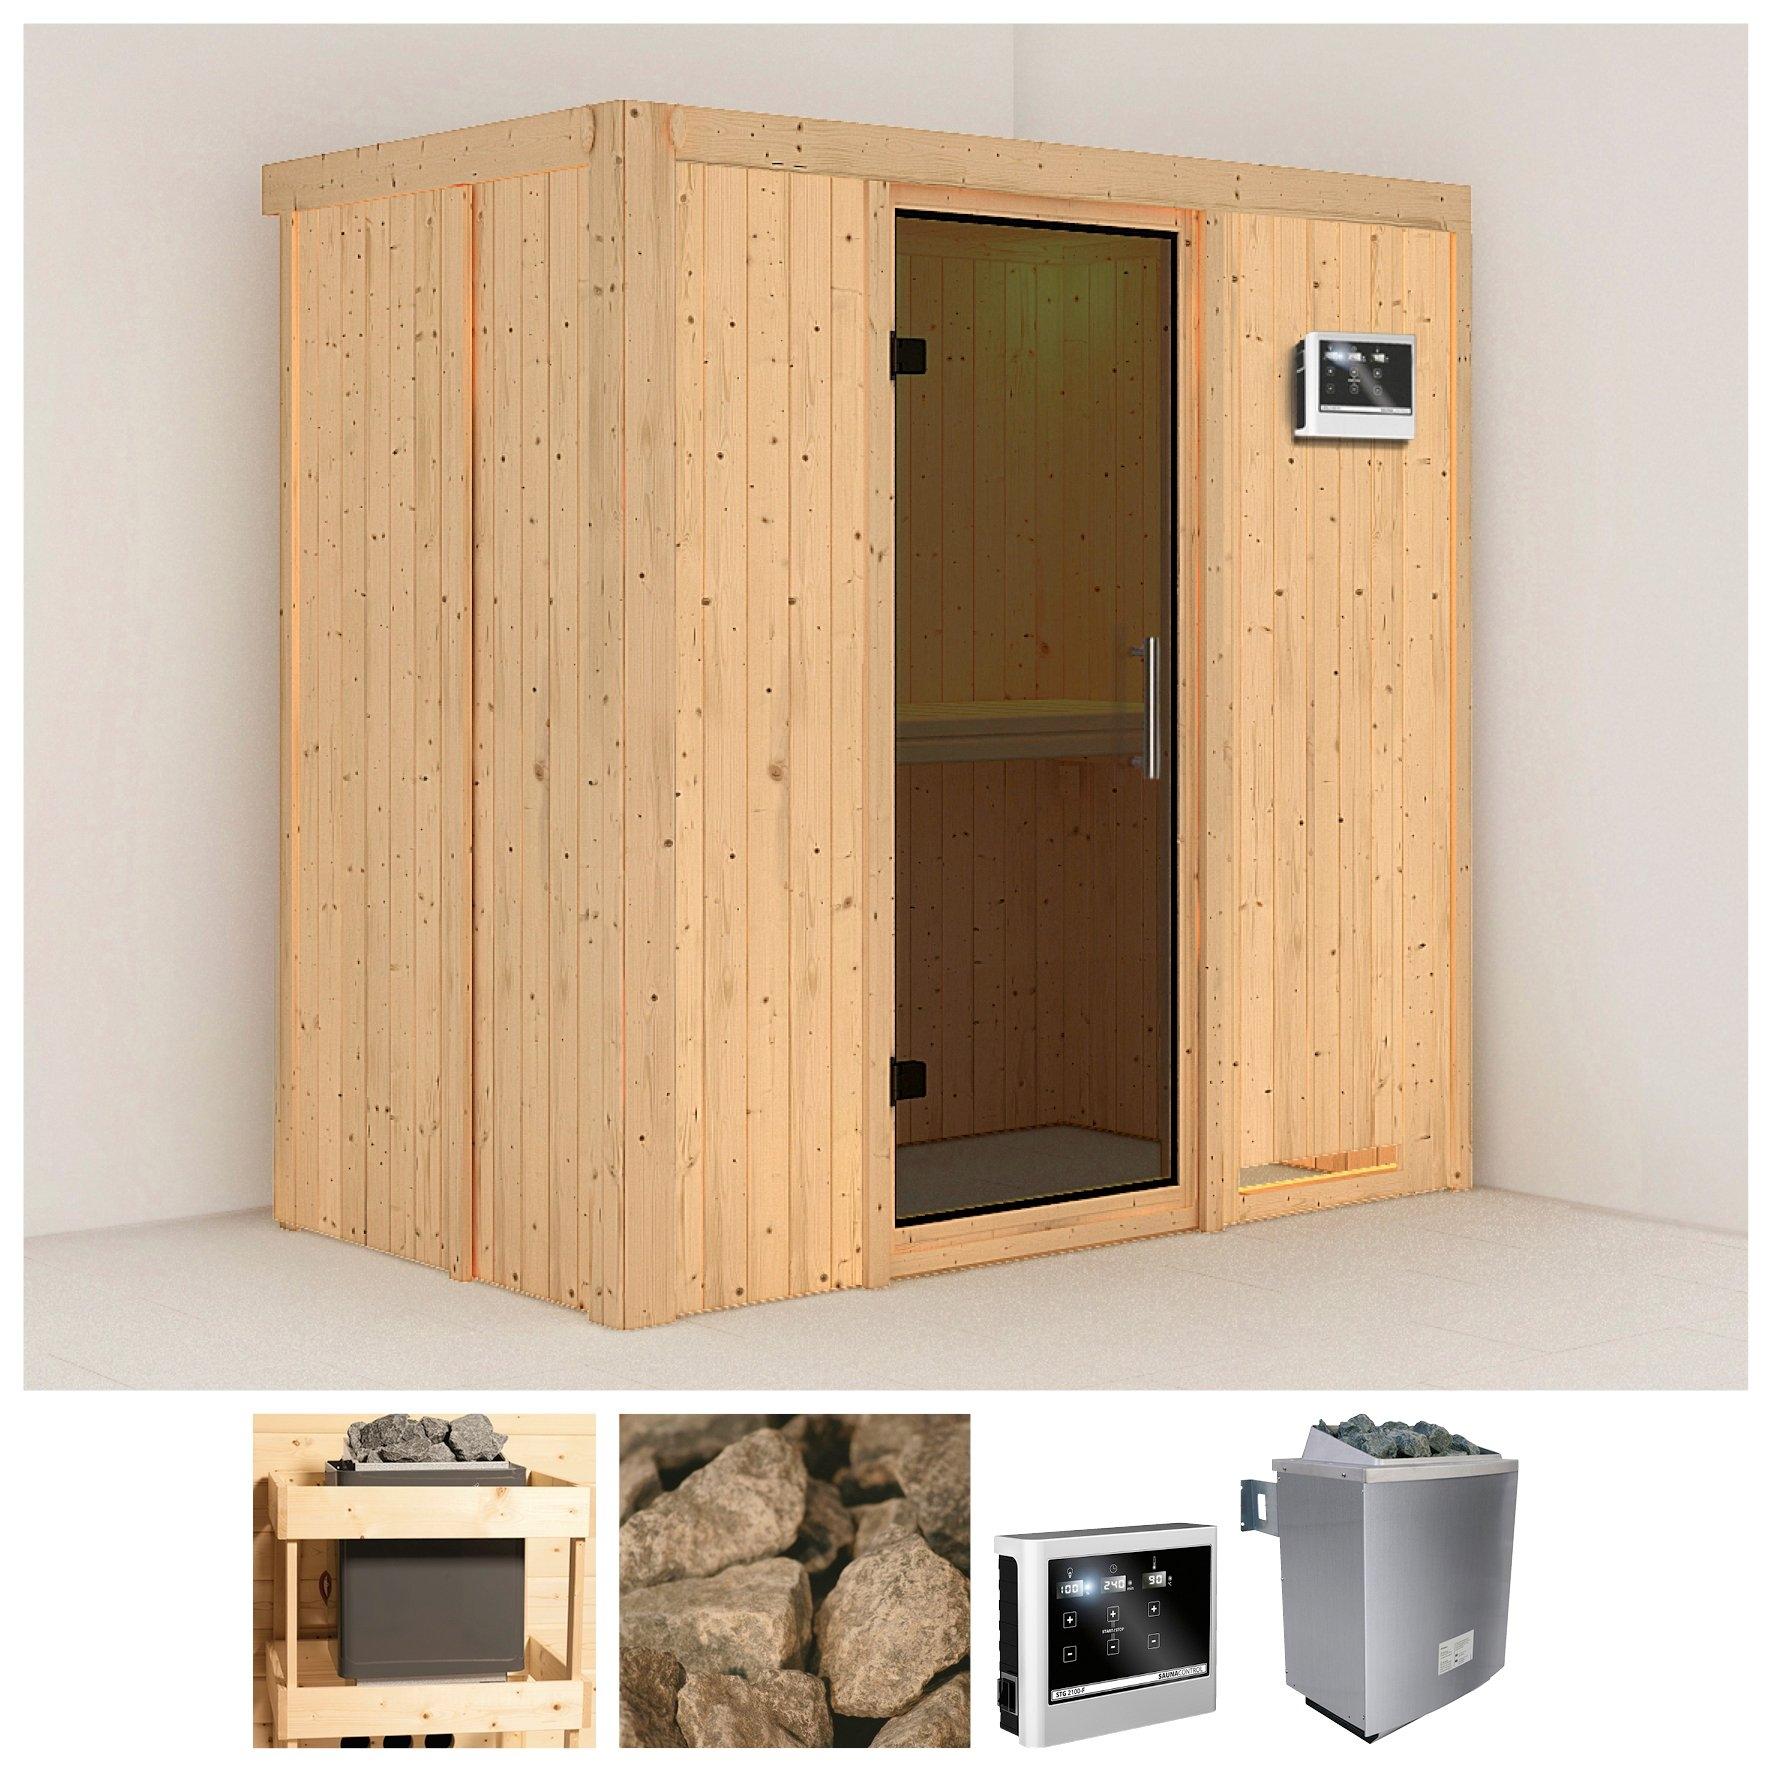 KONIFERA sauna »Variado«, 196/118/198 cm, 9-kW-Ofen mit ext. Steuerung, Glastür grafit goedkoop op otto.nl kopen